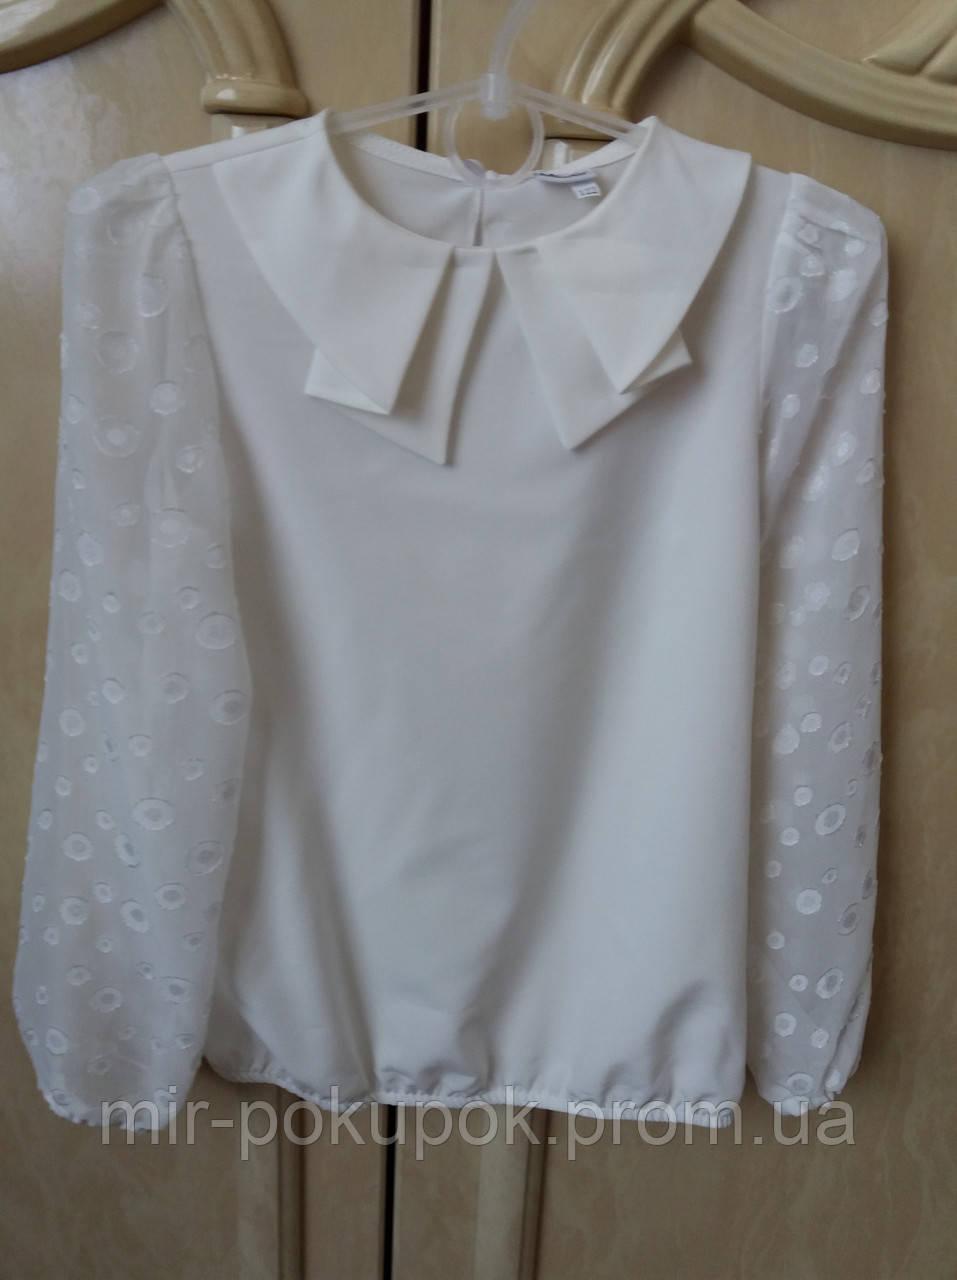 Нарядная блузка на девочку в школу 1943 молоко